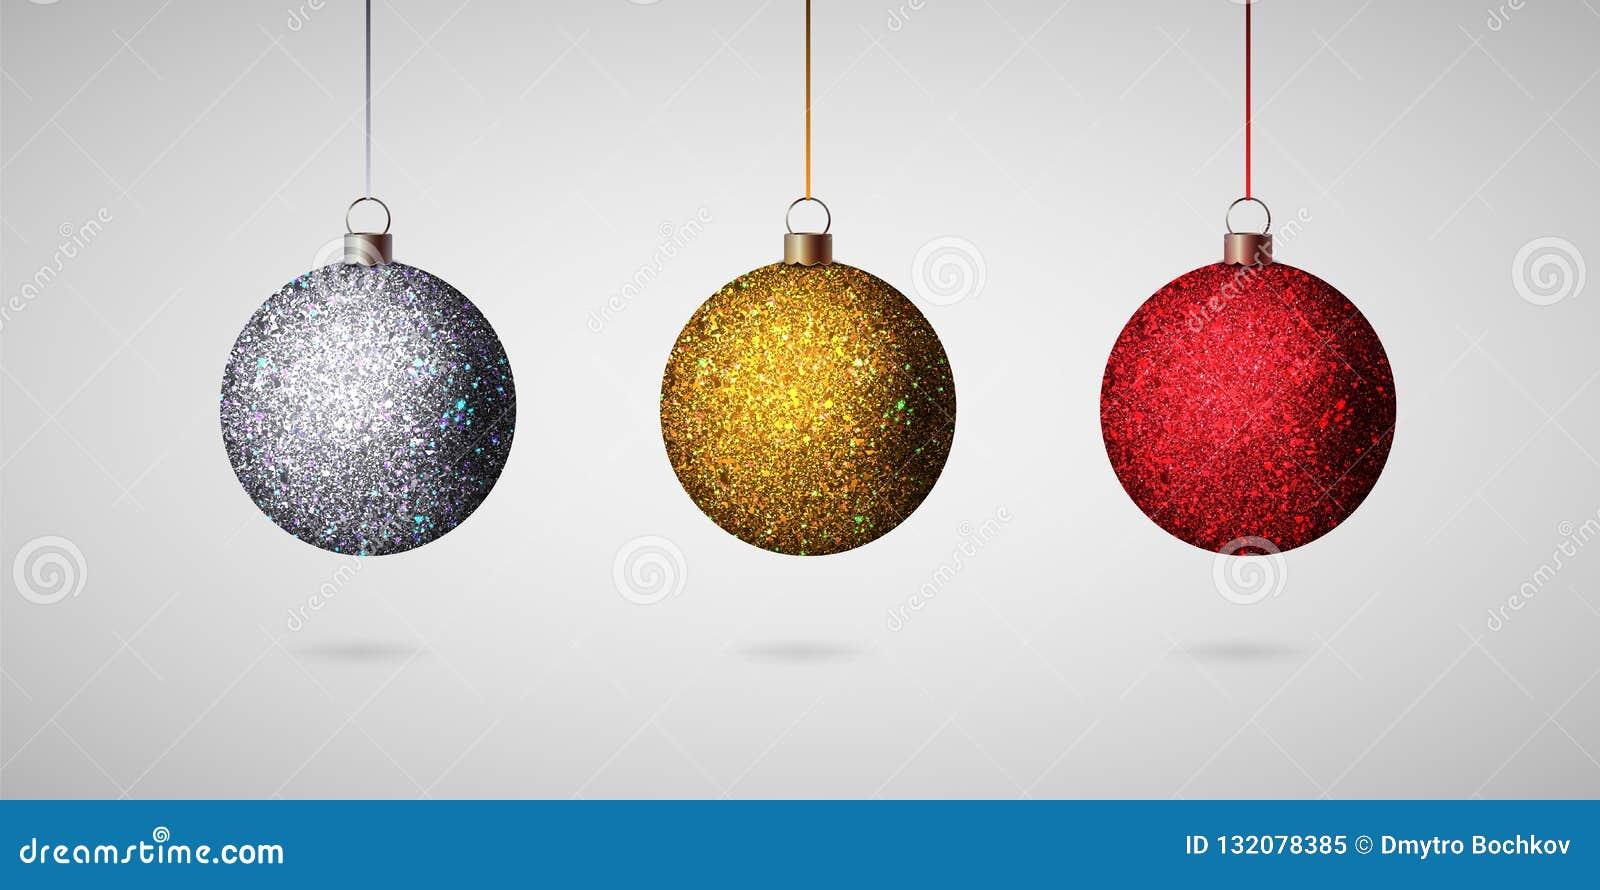 Image Brillante De Noel.Boule Brillante De Noel Ensemble Realiste De Boules De Noel